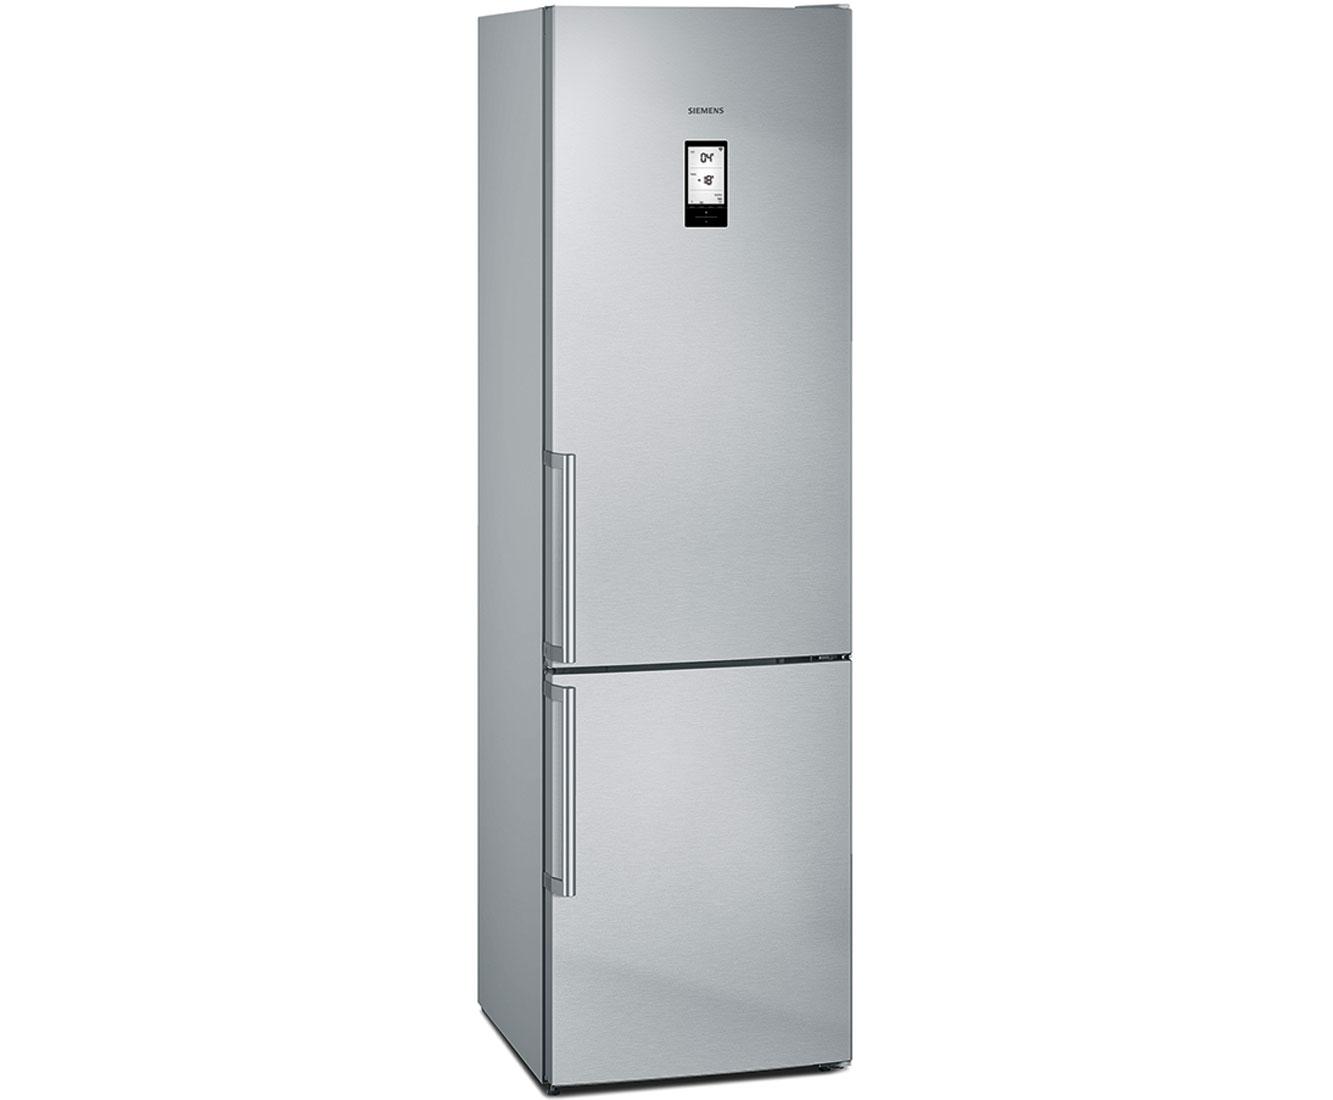 Siemens Kühlschrank 45 Cm Breit : Siemens iq kg nai kühl gefrierkombination mit no frost